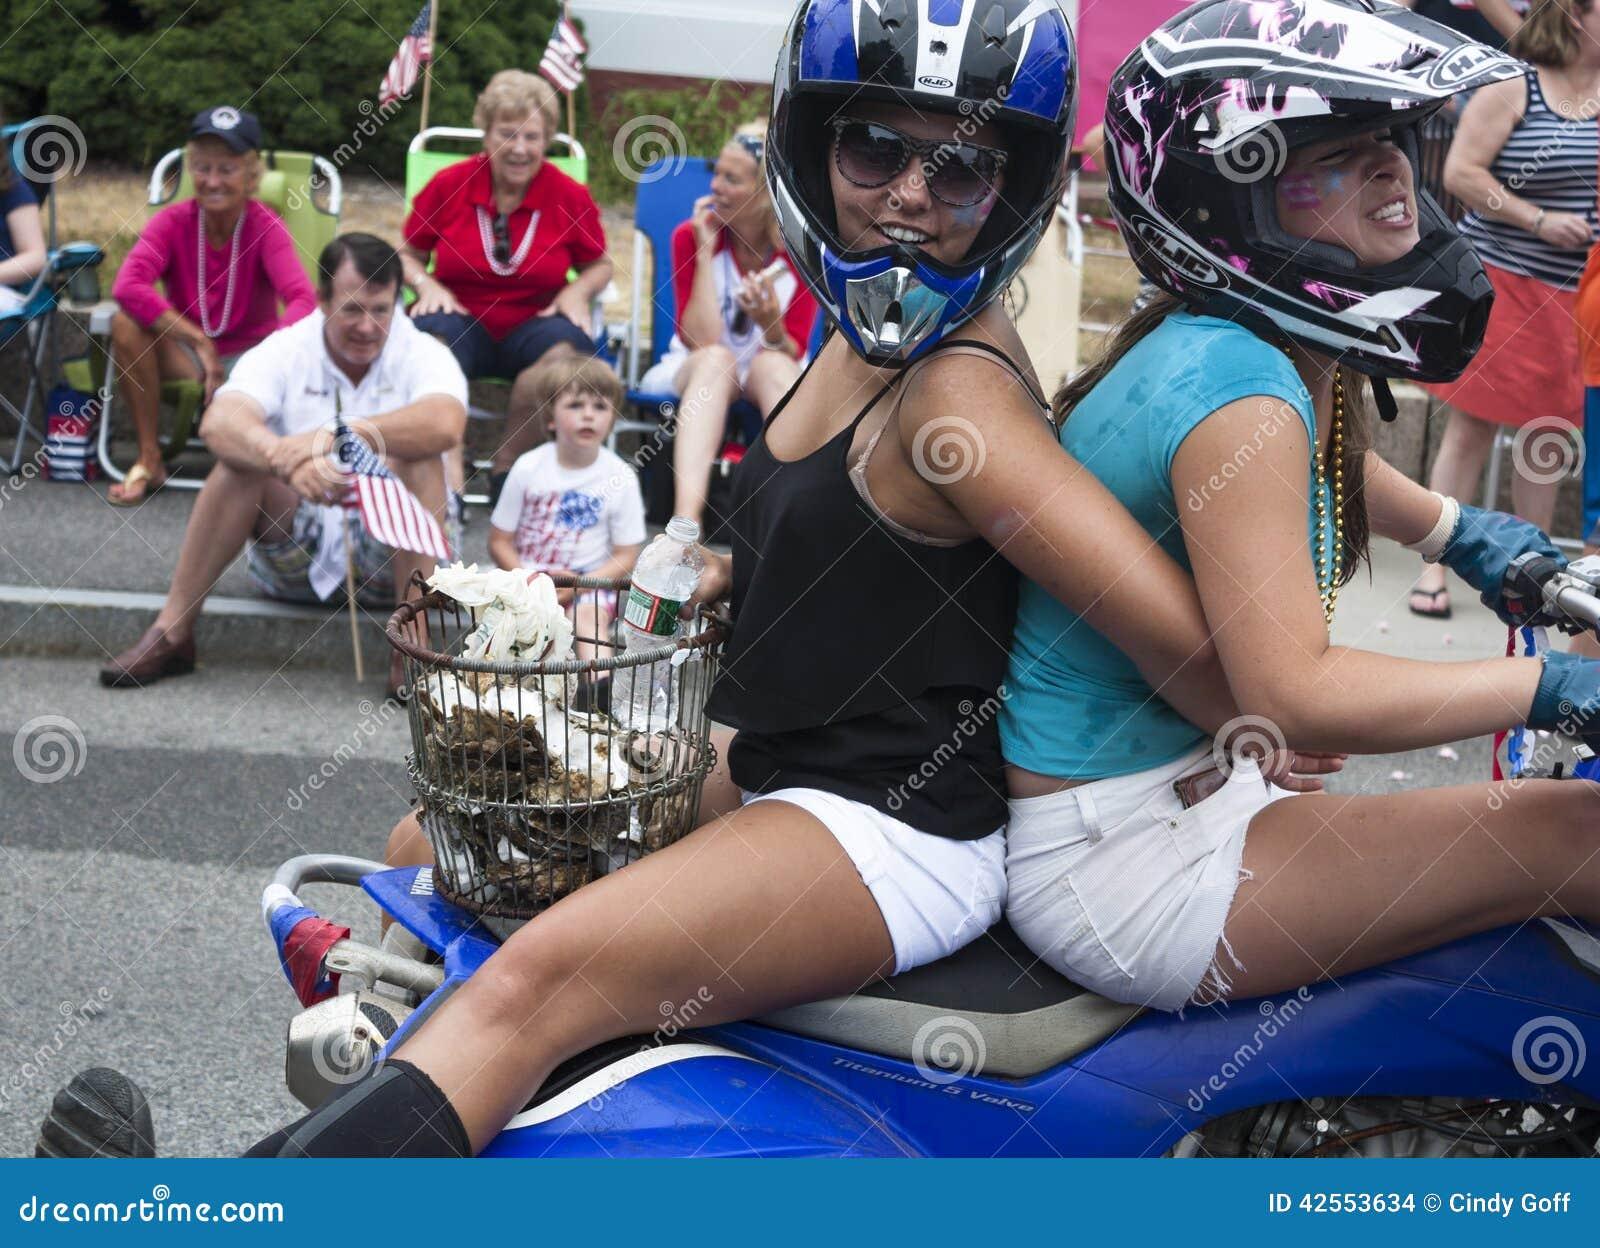 Wellfleet, Massachusetts, EUA 4 de julho de 2014: Duas jovens mulheres que montam em uma motocicleta no Wellfleet